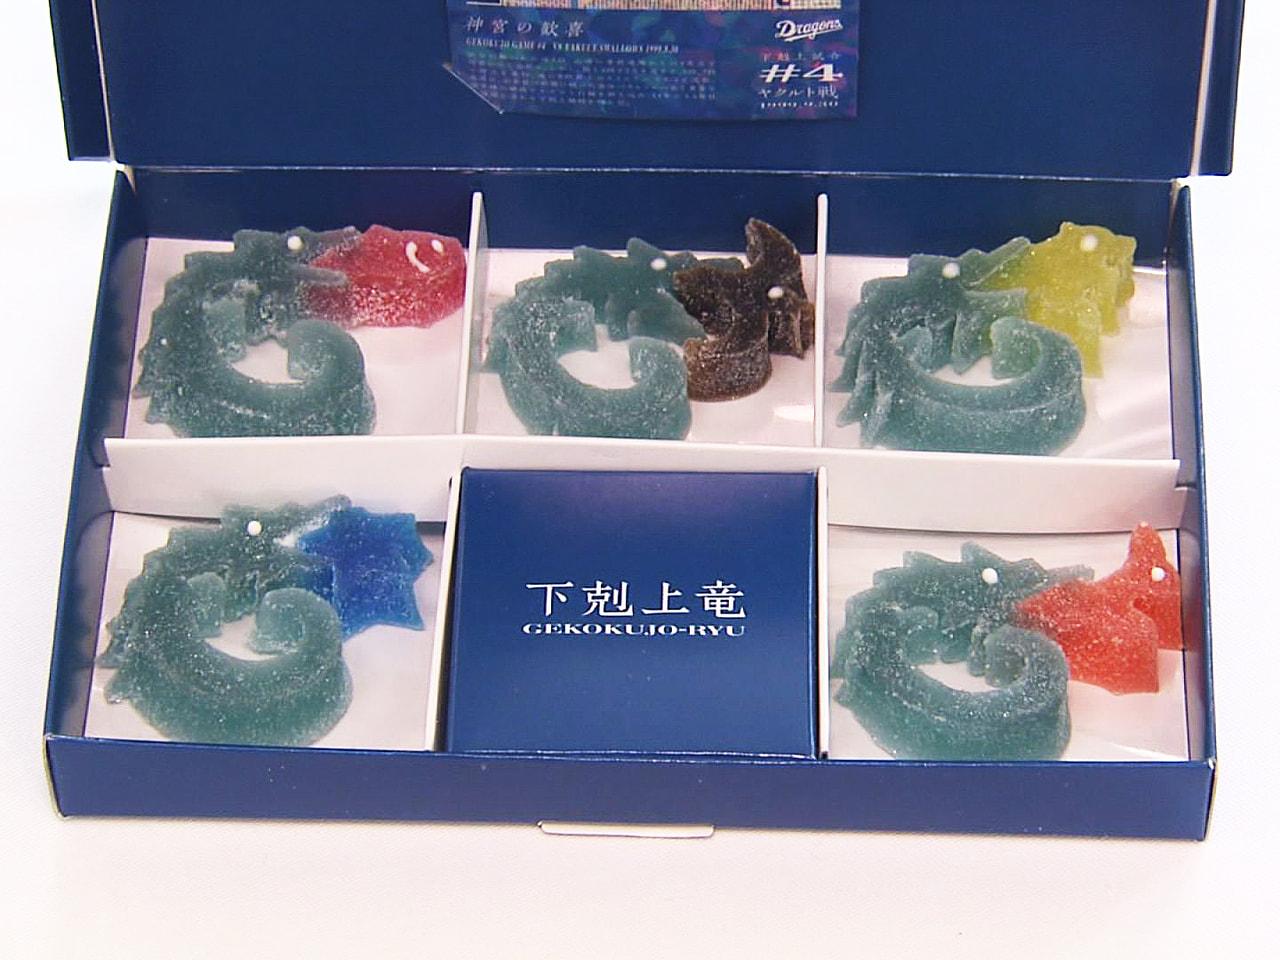 岐阜市の老舗和菓子屋が、プロ野球ドラゴンズの公式応援和菓子を発売します。 その名...